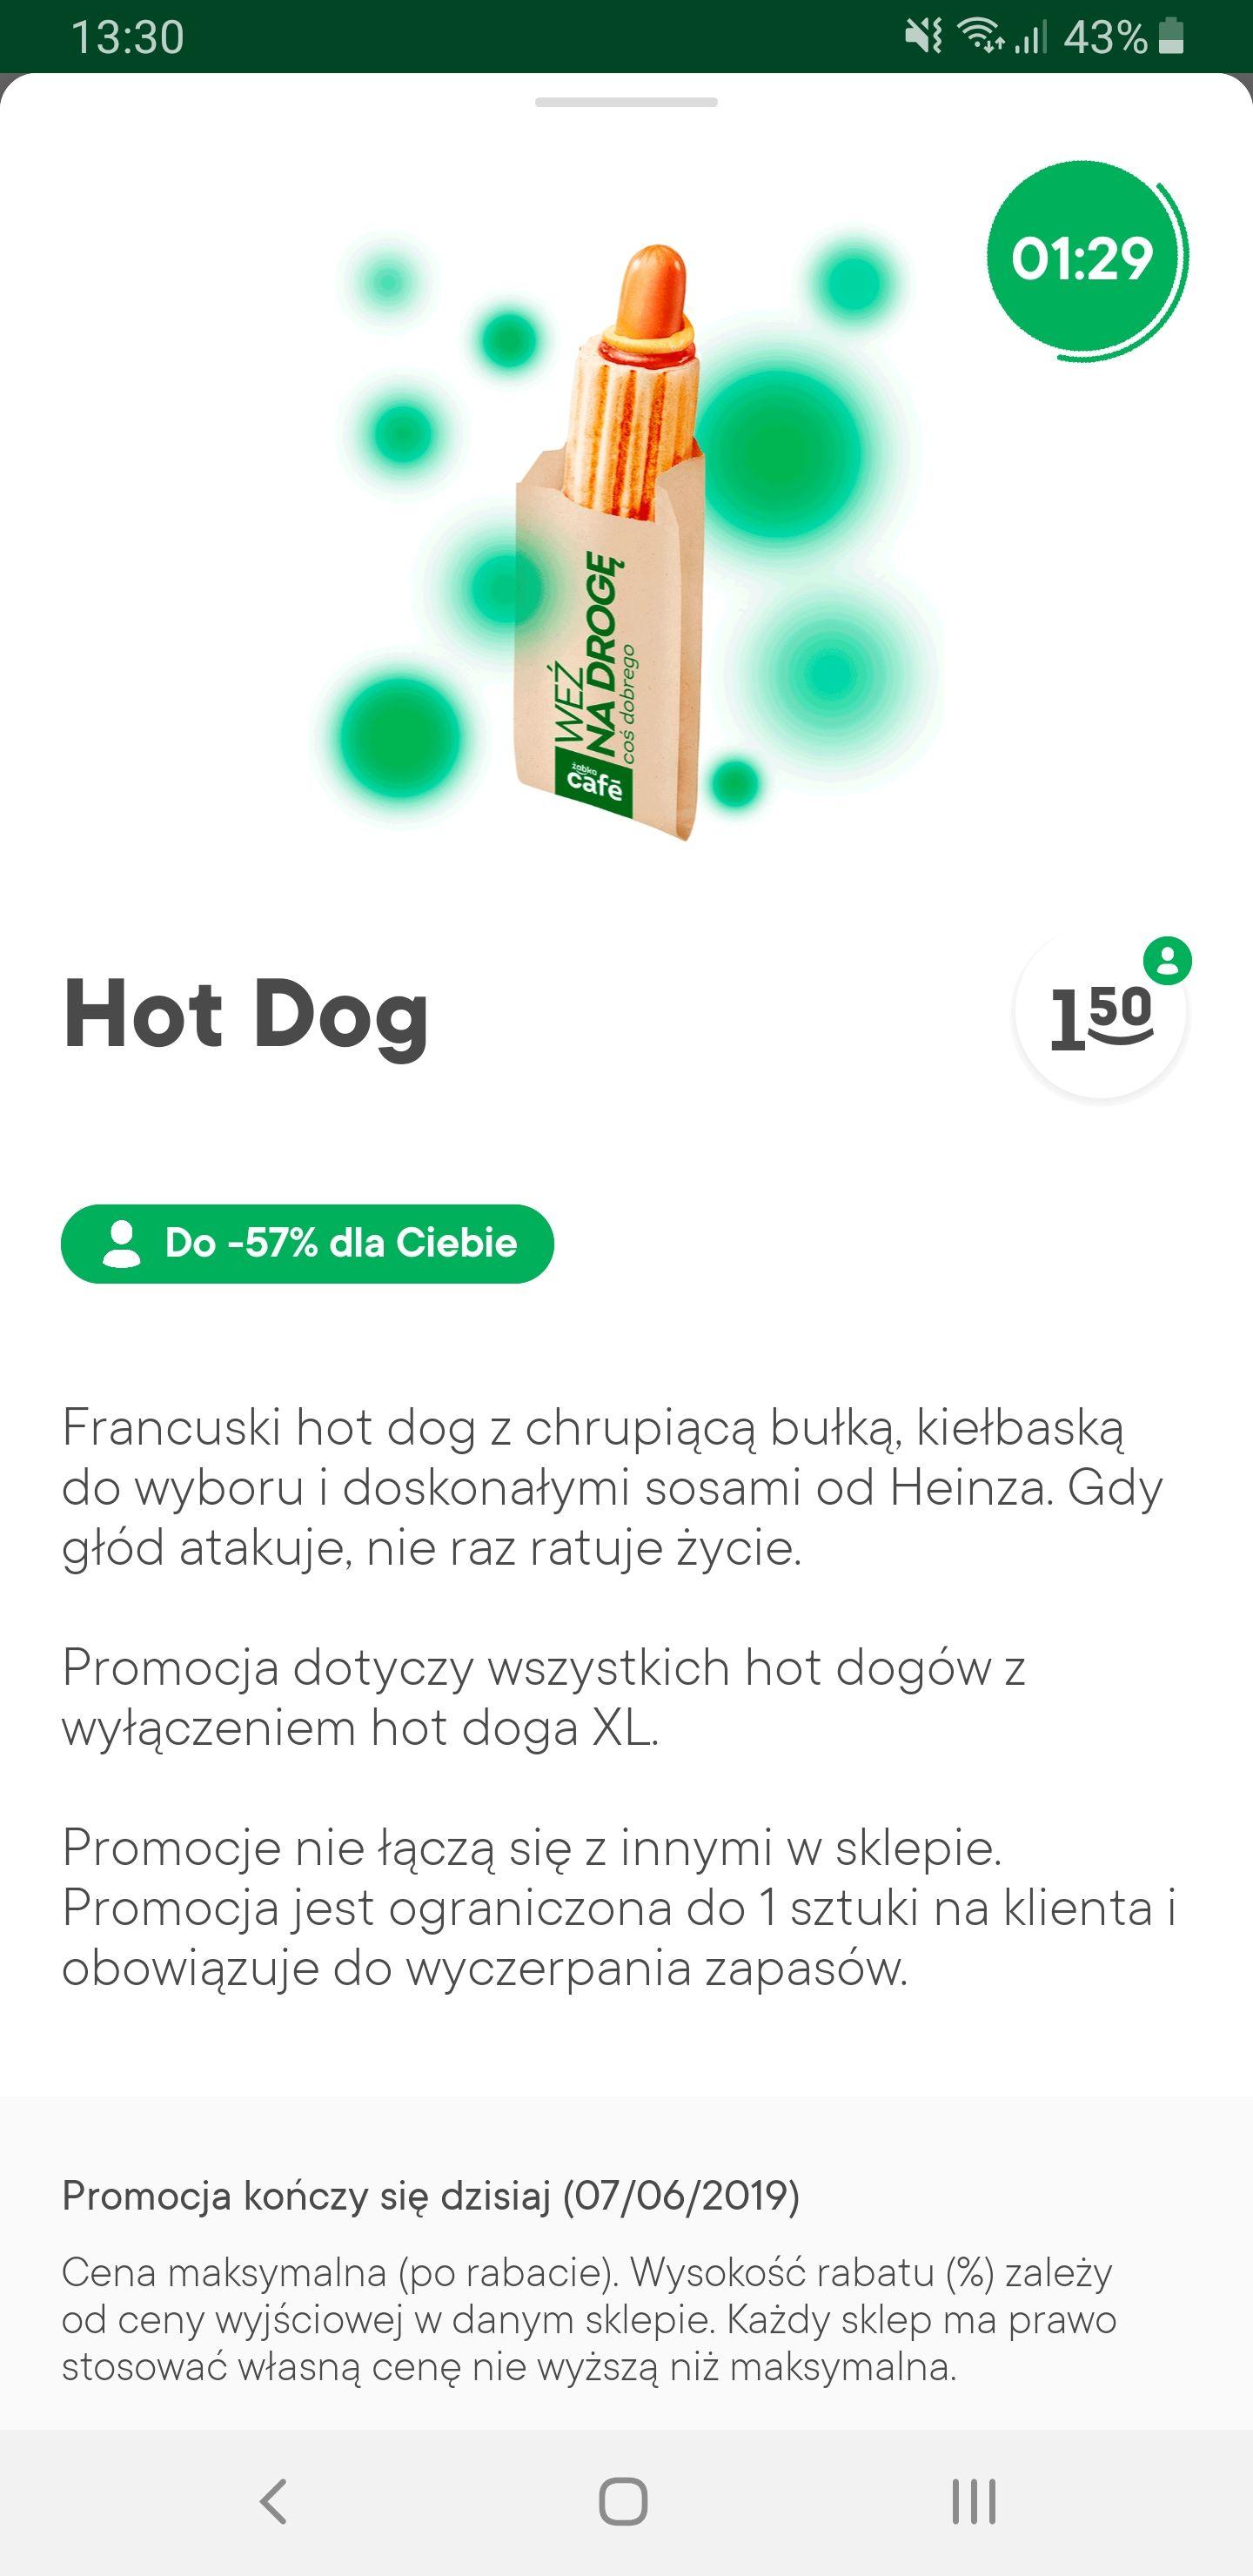 Hotdog taniej w żabce do godz 15:00 (zappka)